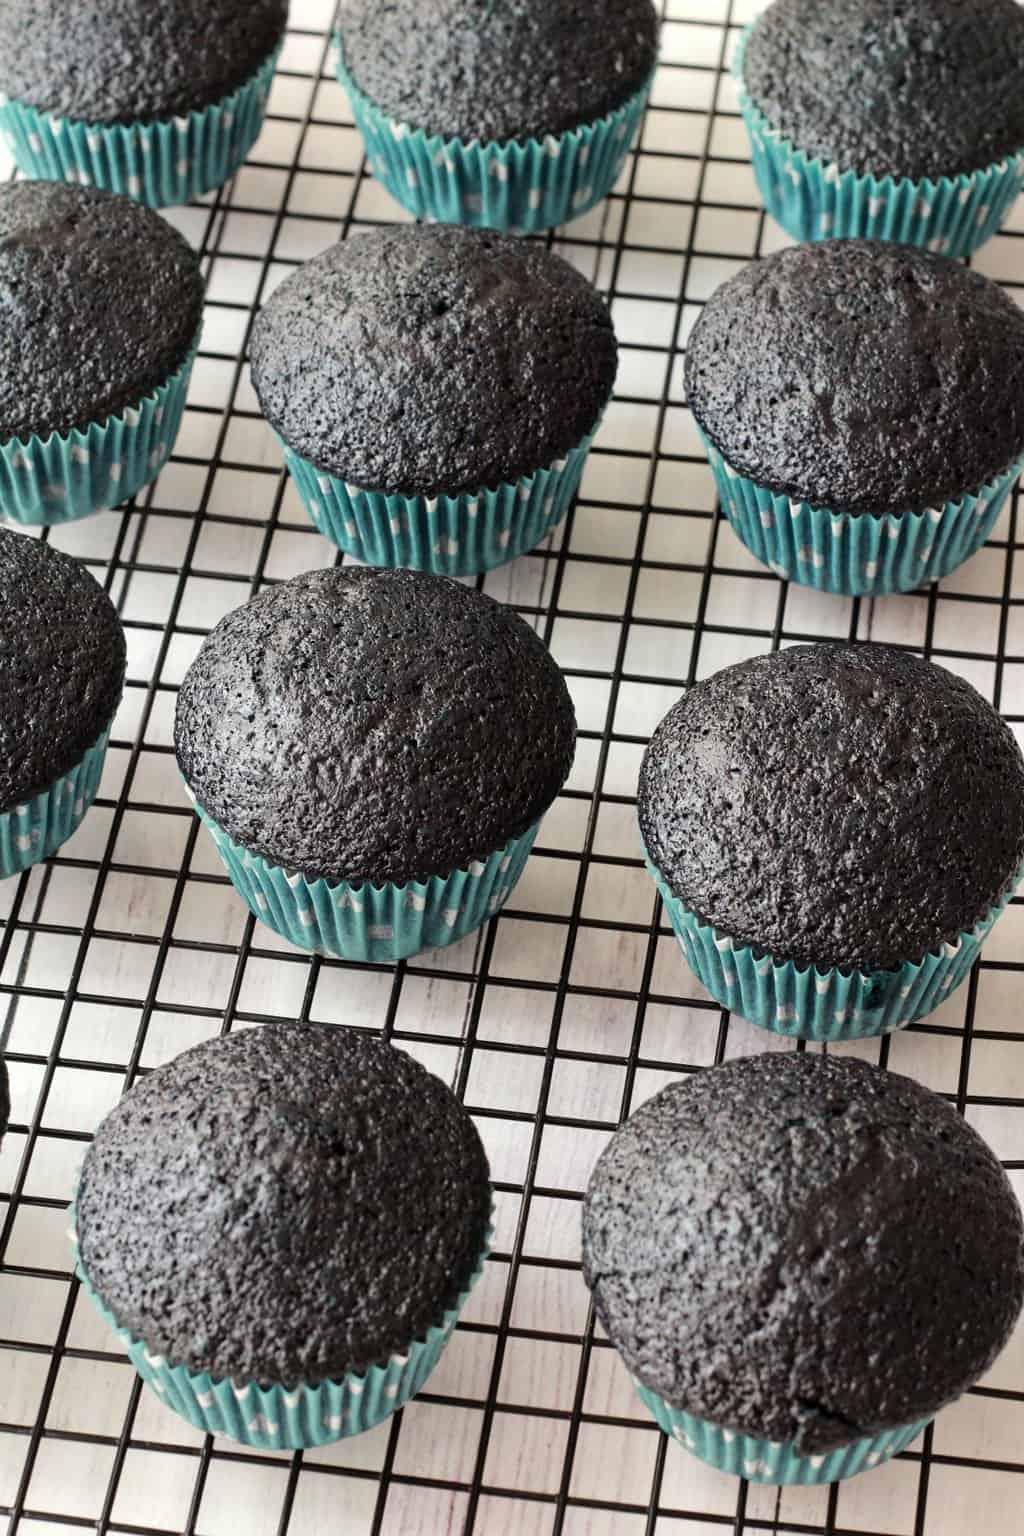 Blue Velvet Cupcakes - Moist, spongey, velvety and delicious! #vegan #lovingitvegan #bluevelvet #cupcakes #dessert